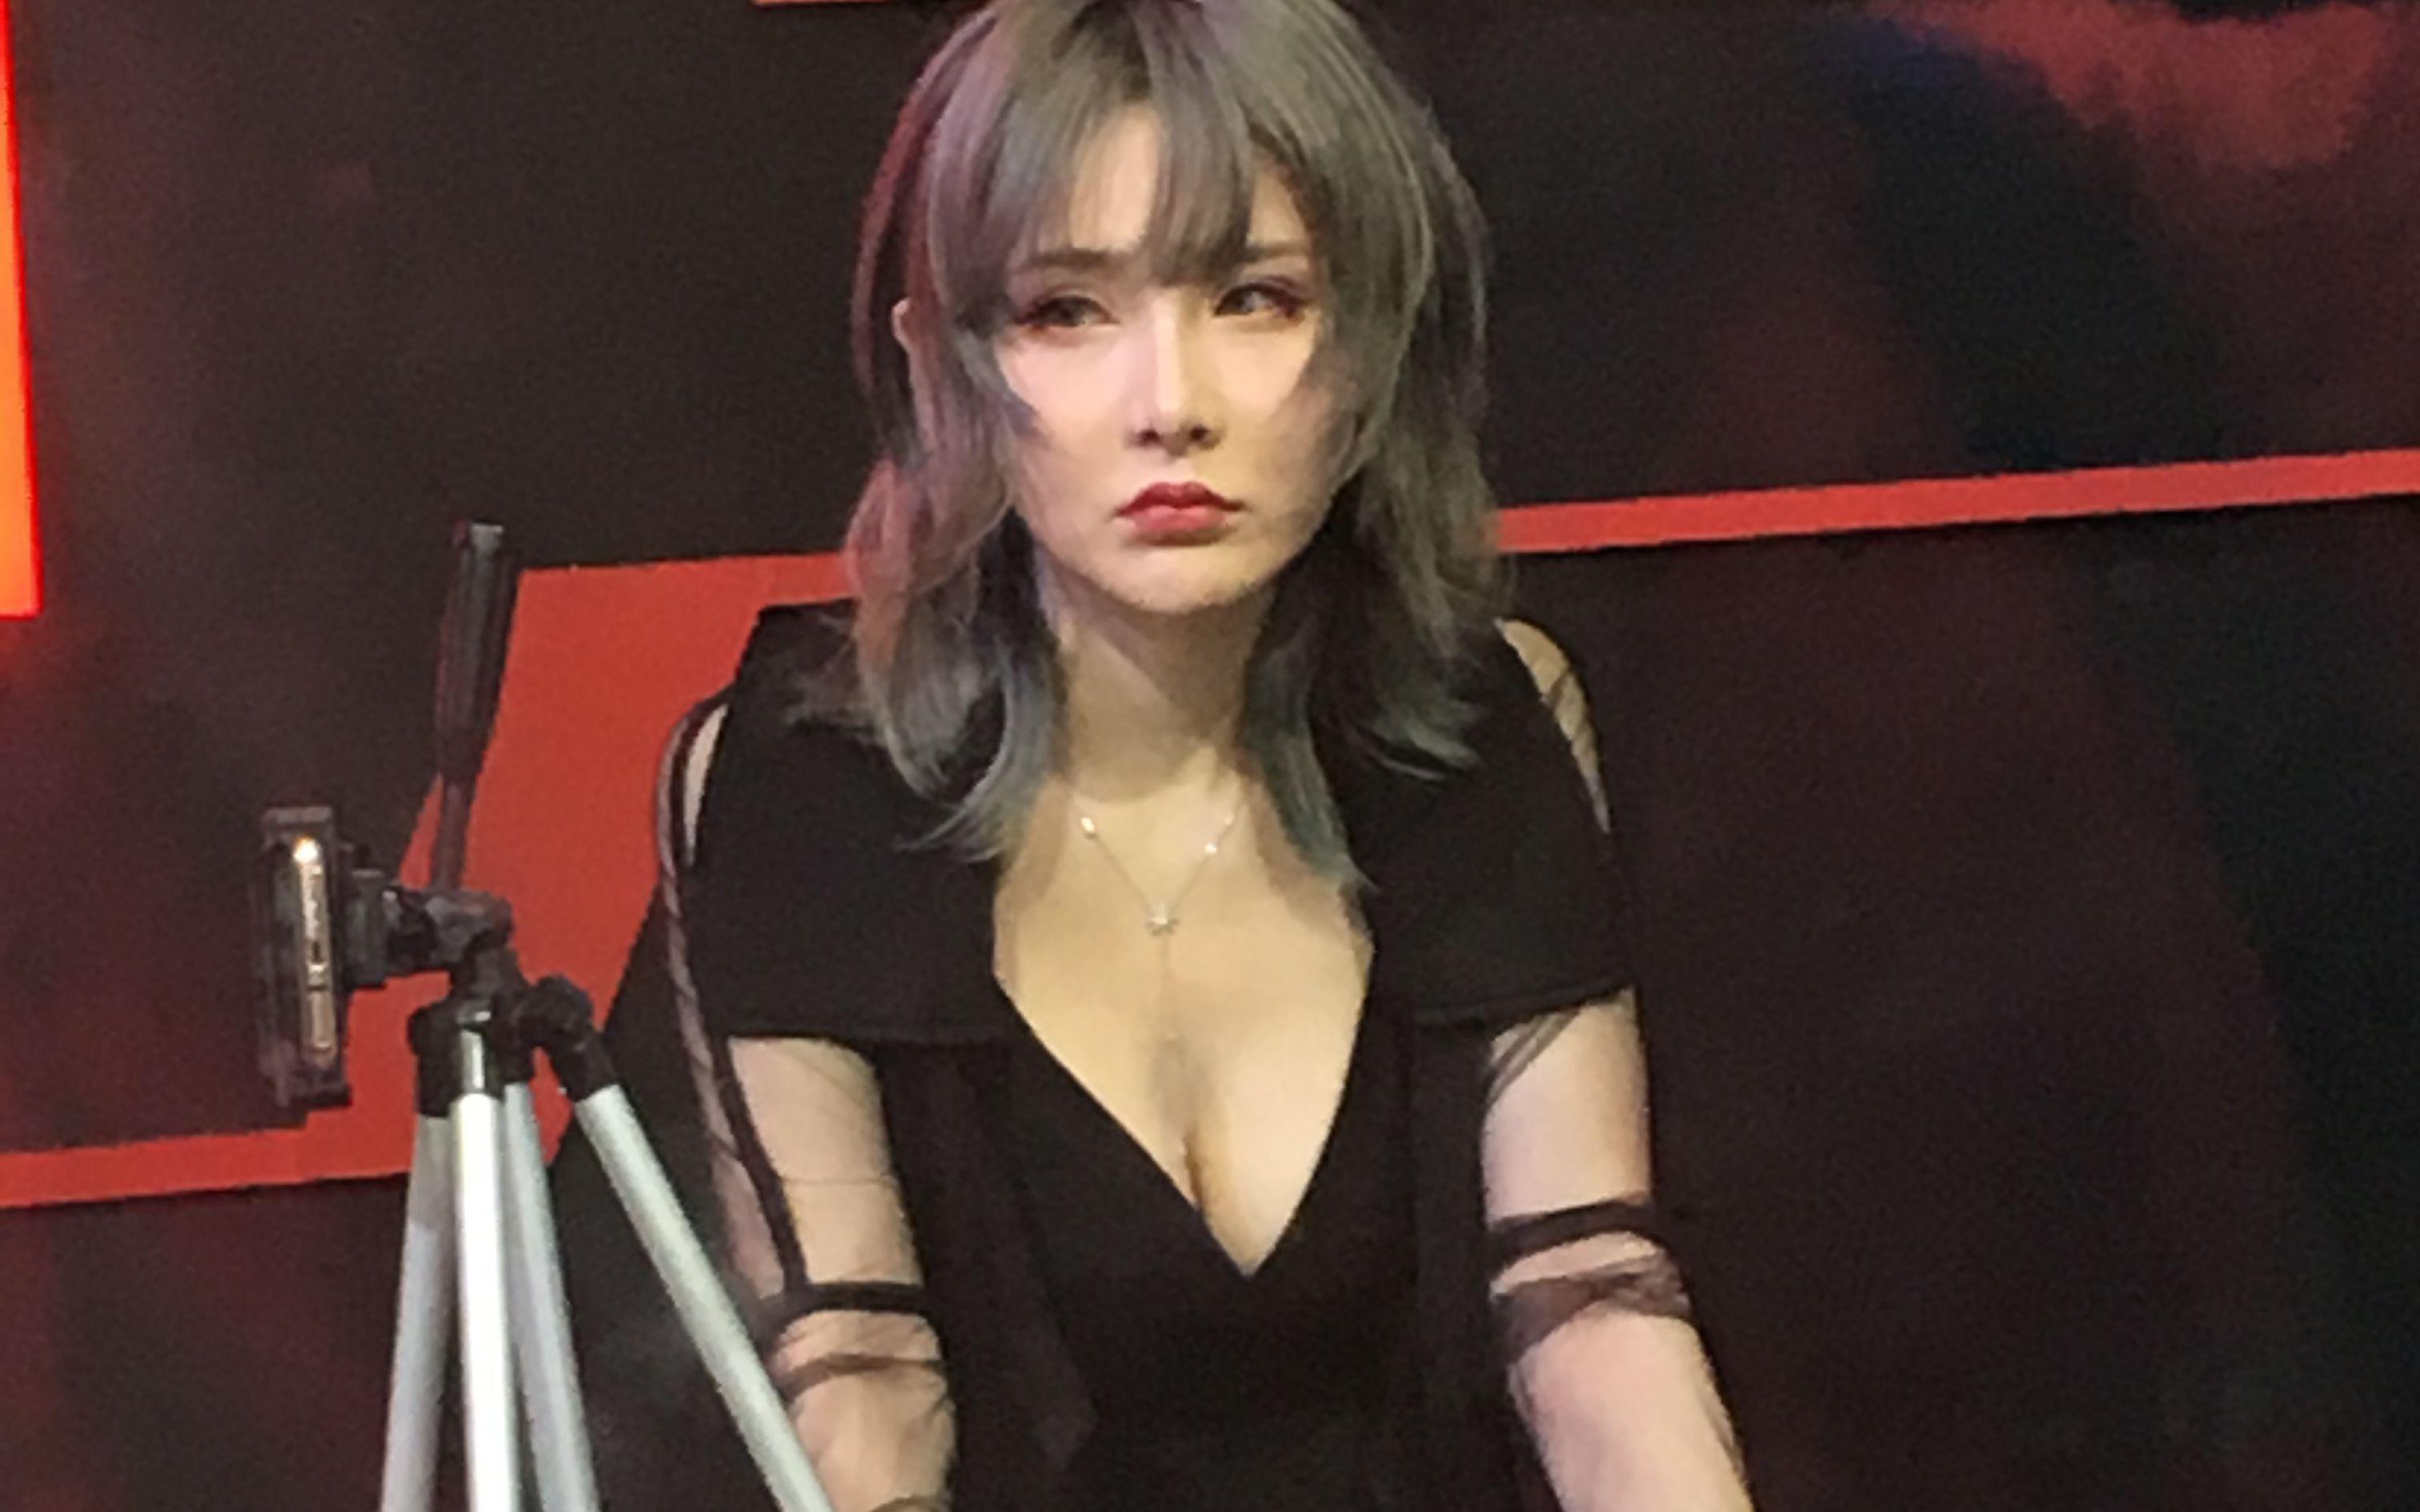 2019 ChinaJoy 魔王实拍 鸽子王身体不好